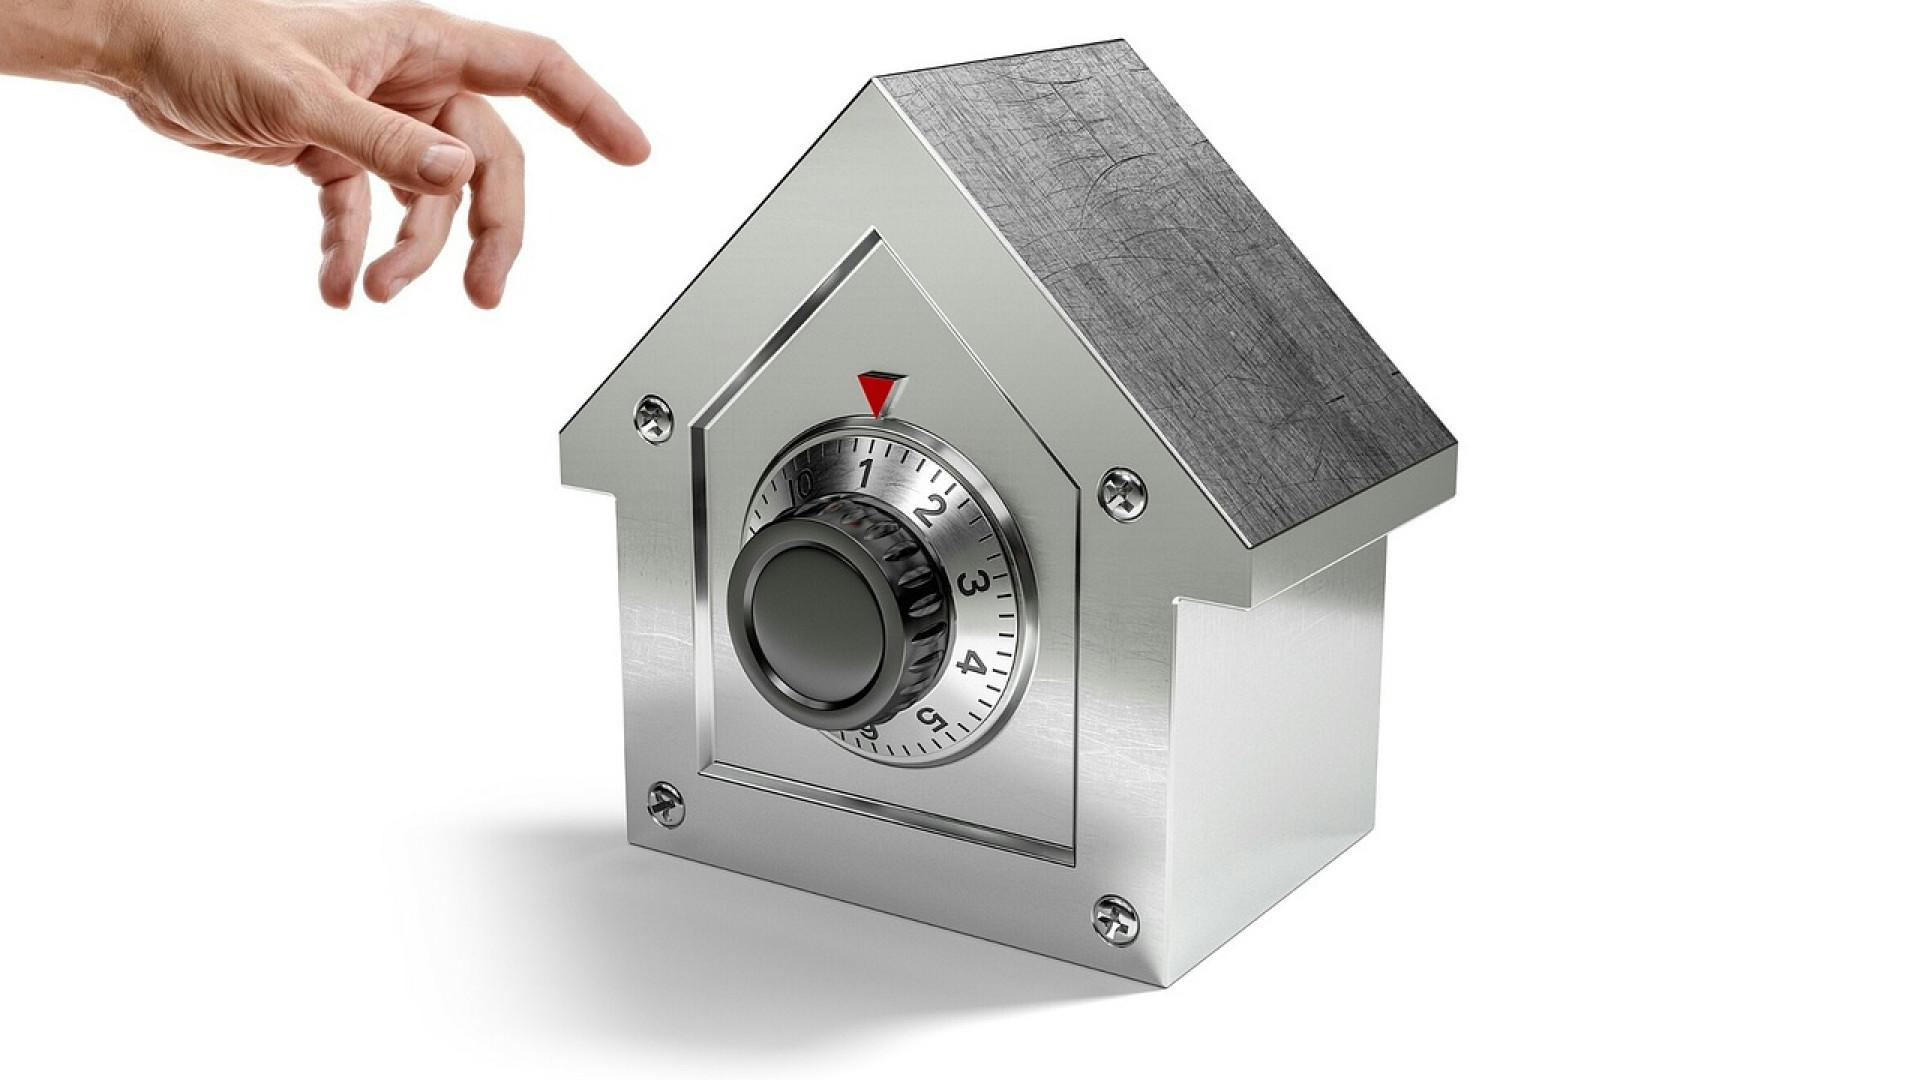 Caméra de surveillance IP, l idéal pour veiller sur votre domicile ... b02e0c2312d2